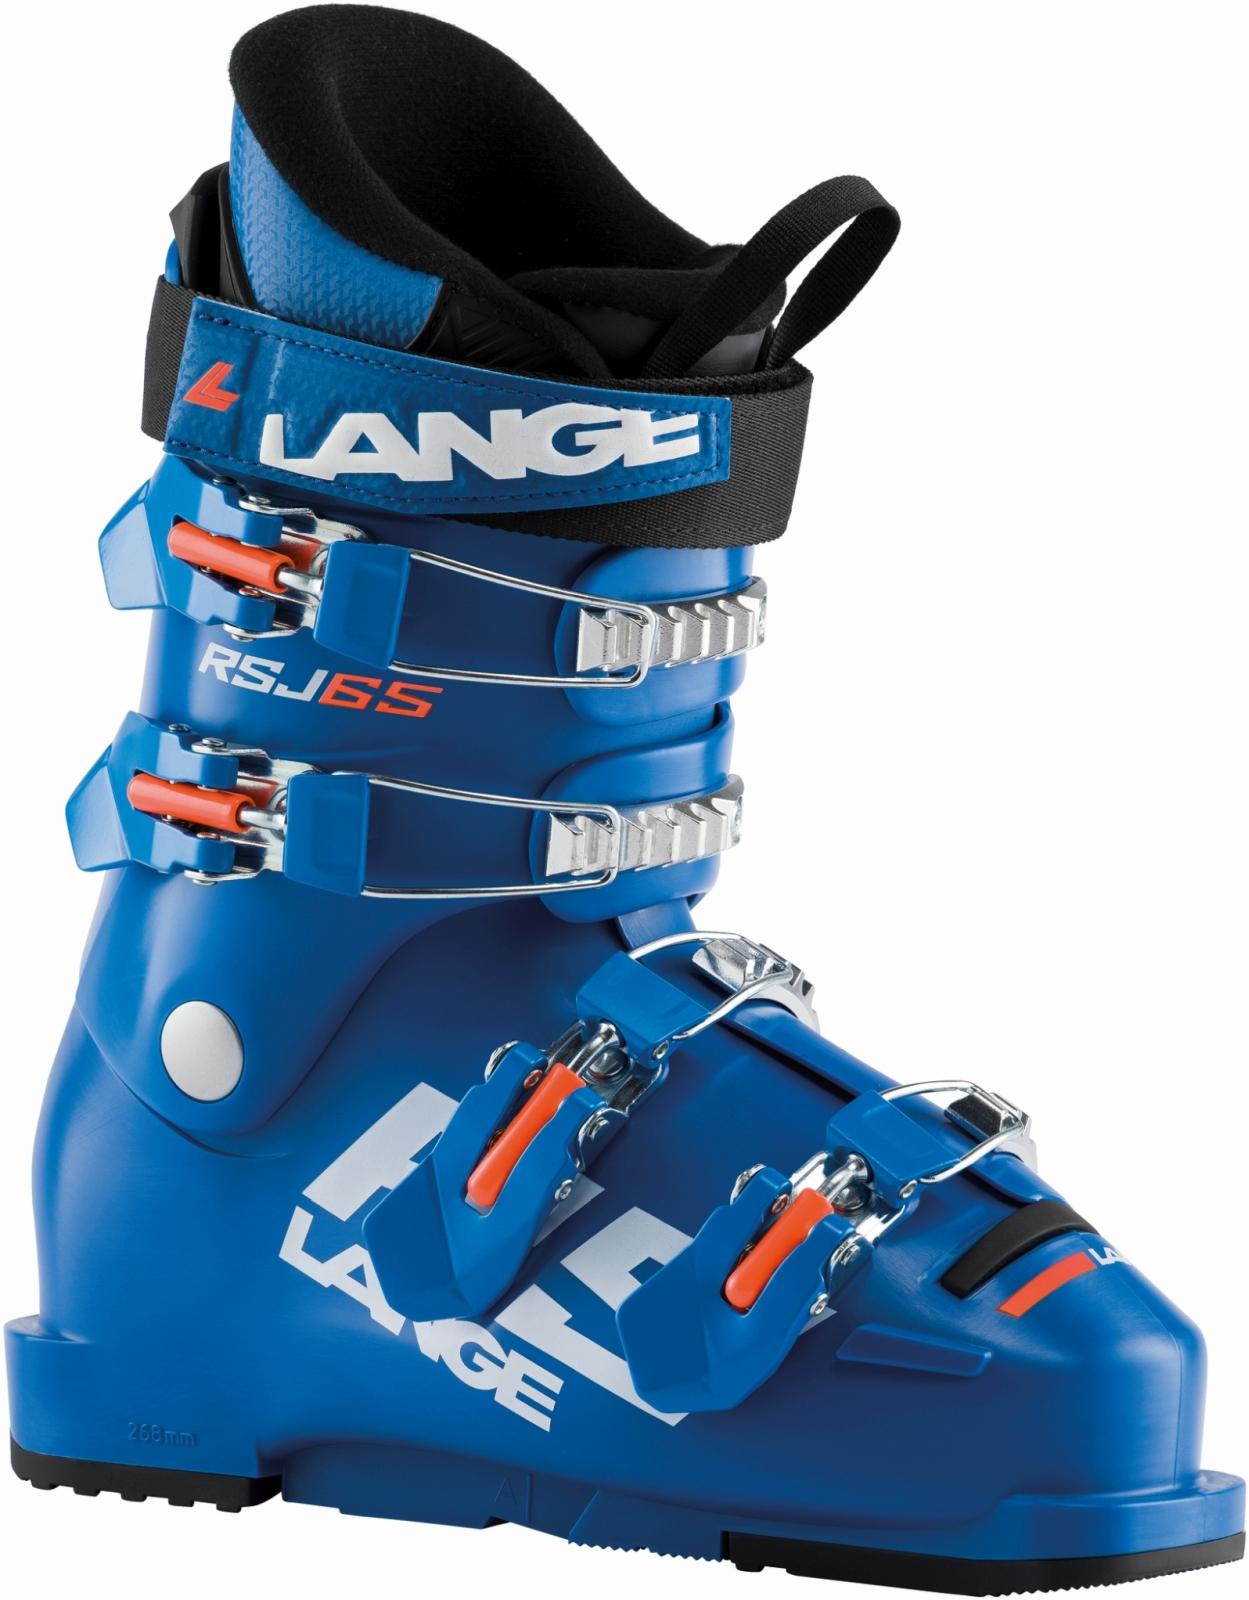 Lange RSJ 65 - power blue 240